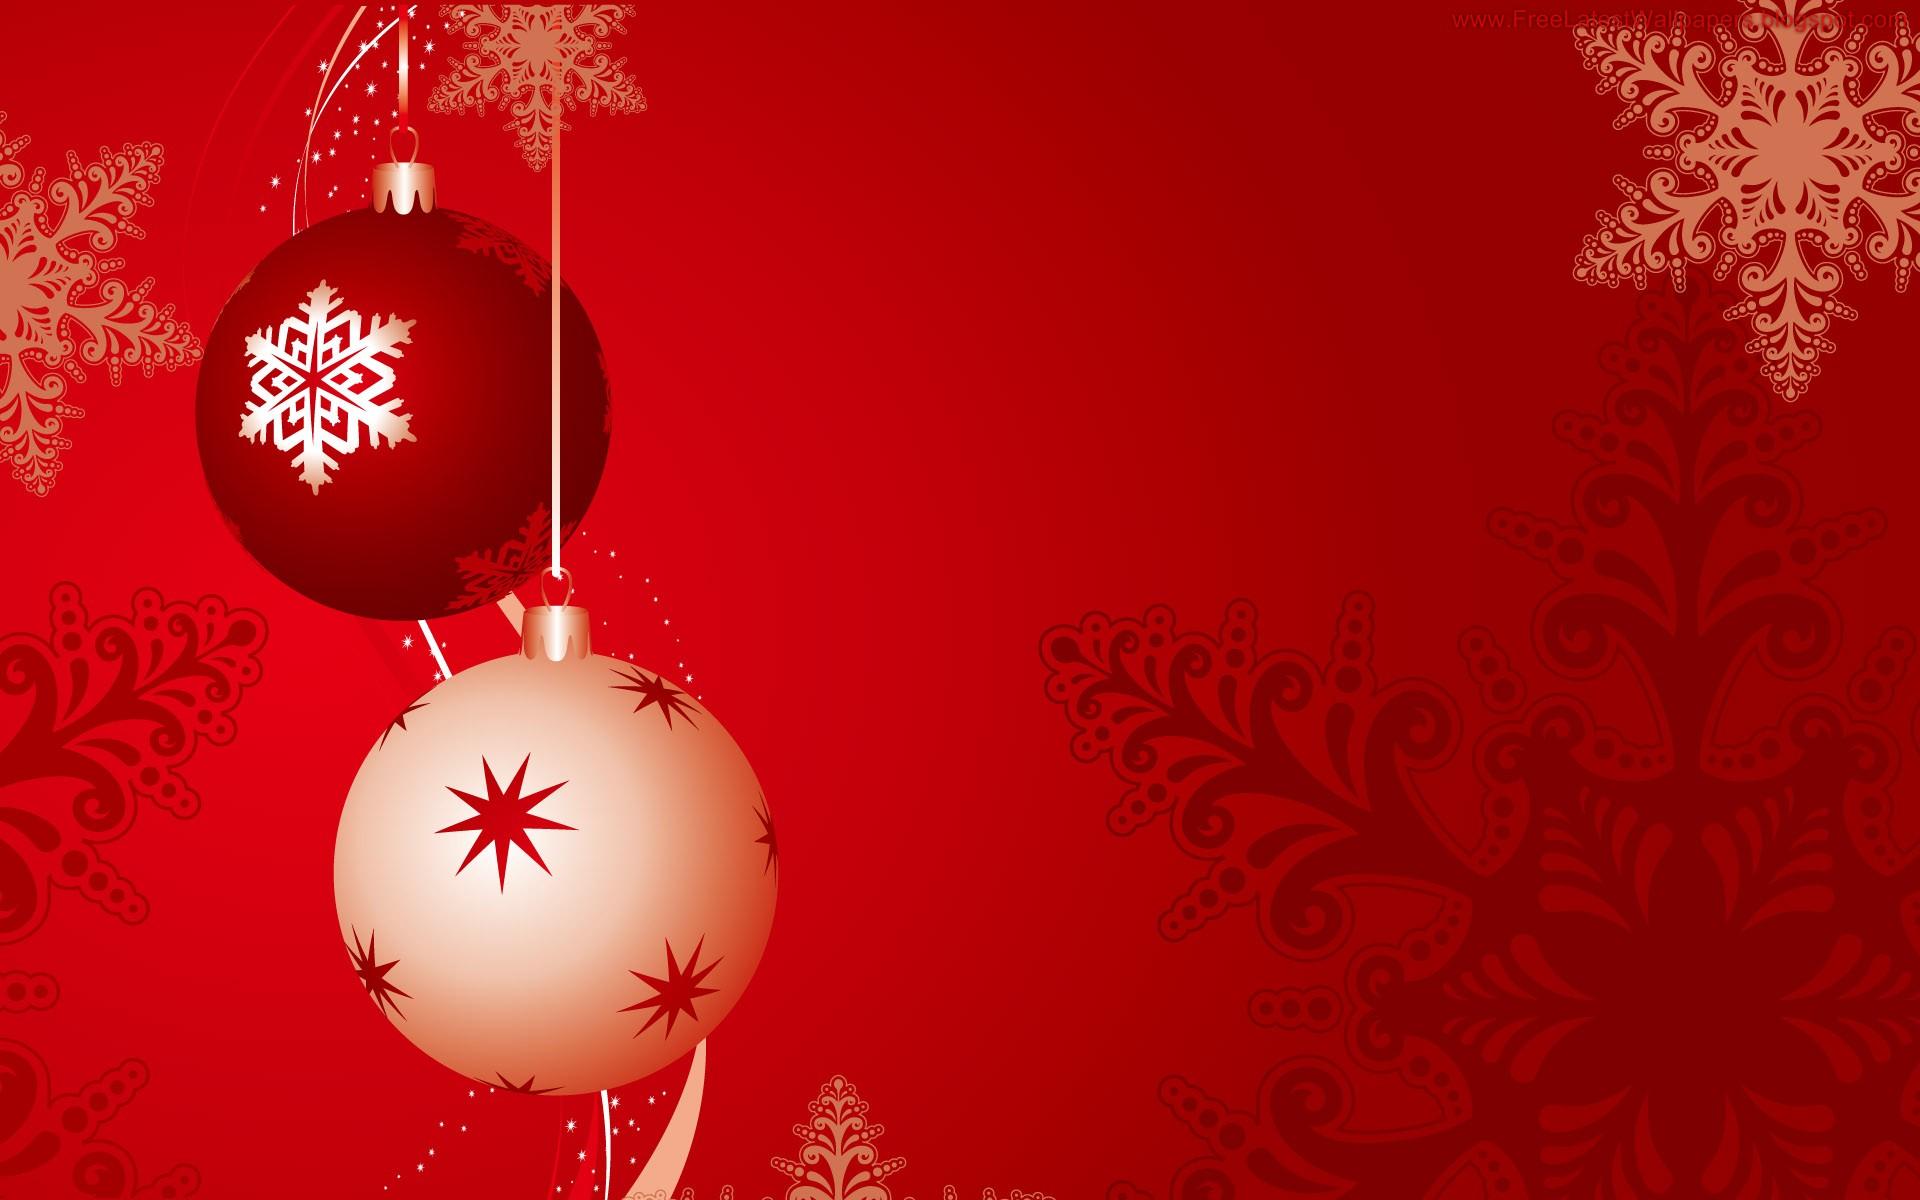 Fondos bolas navidad fondos de pantalla - Bolas de navidad ...